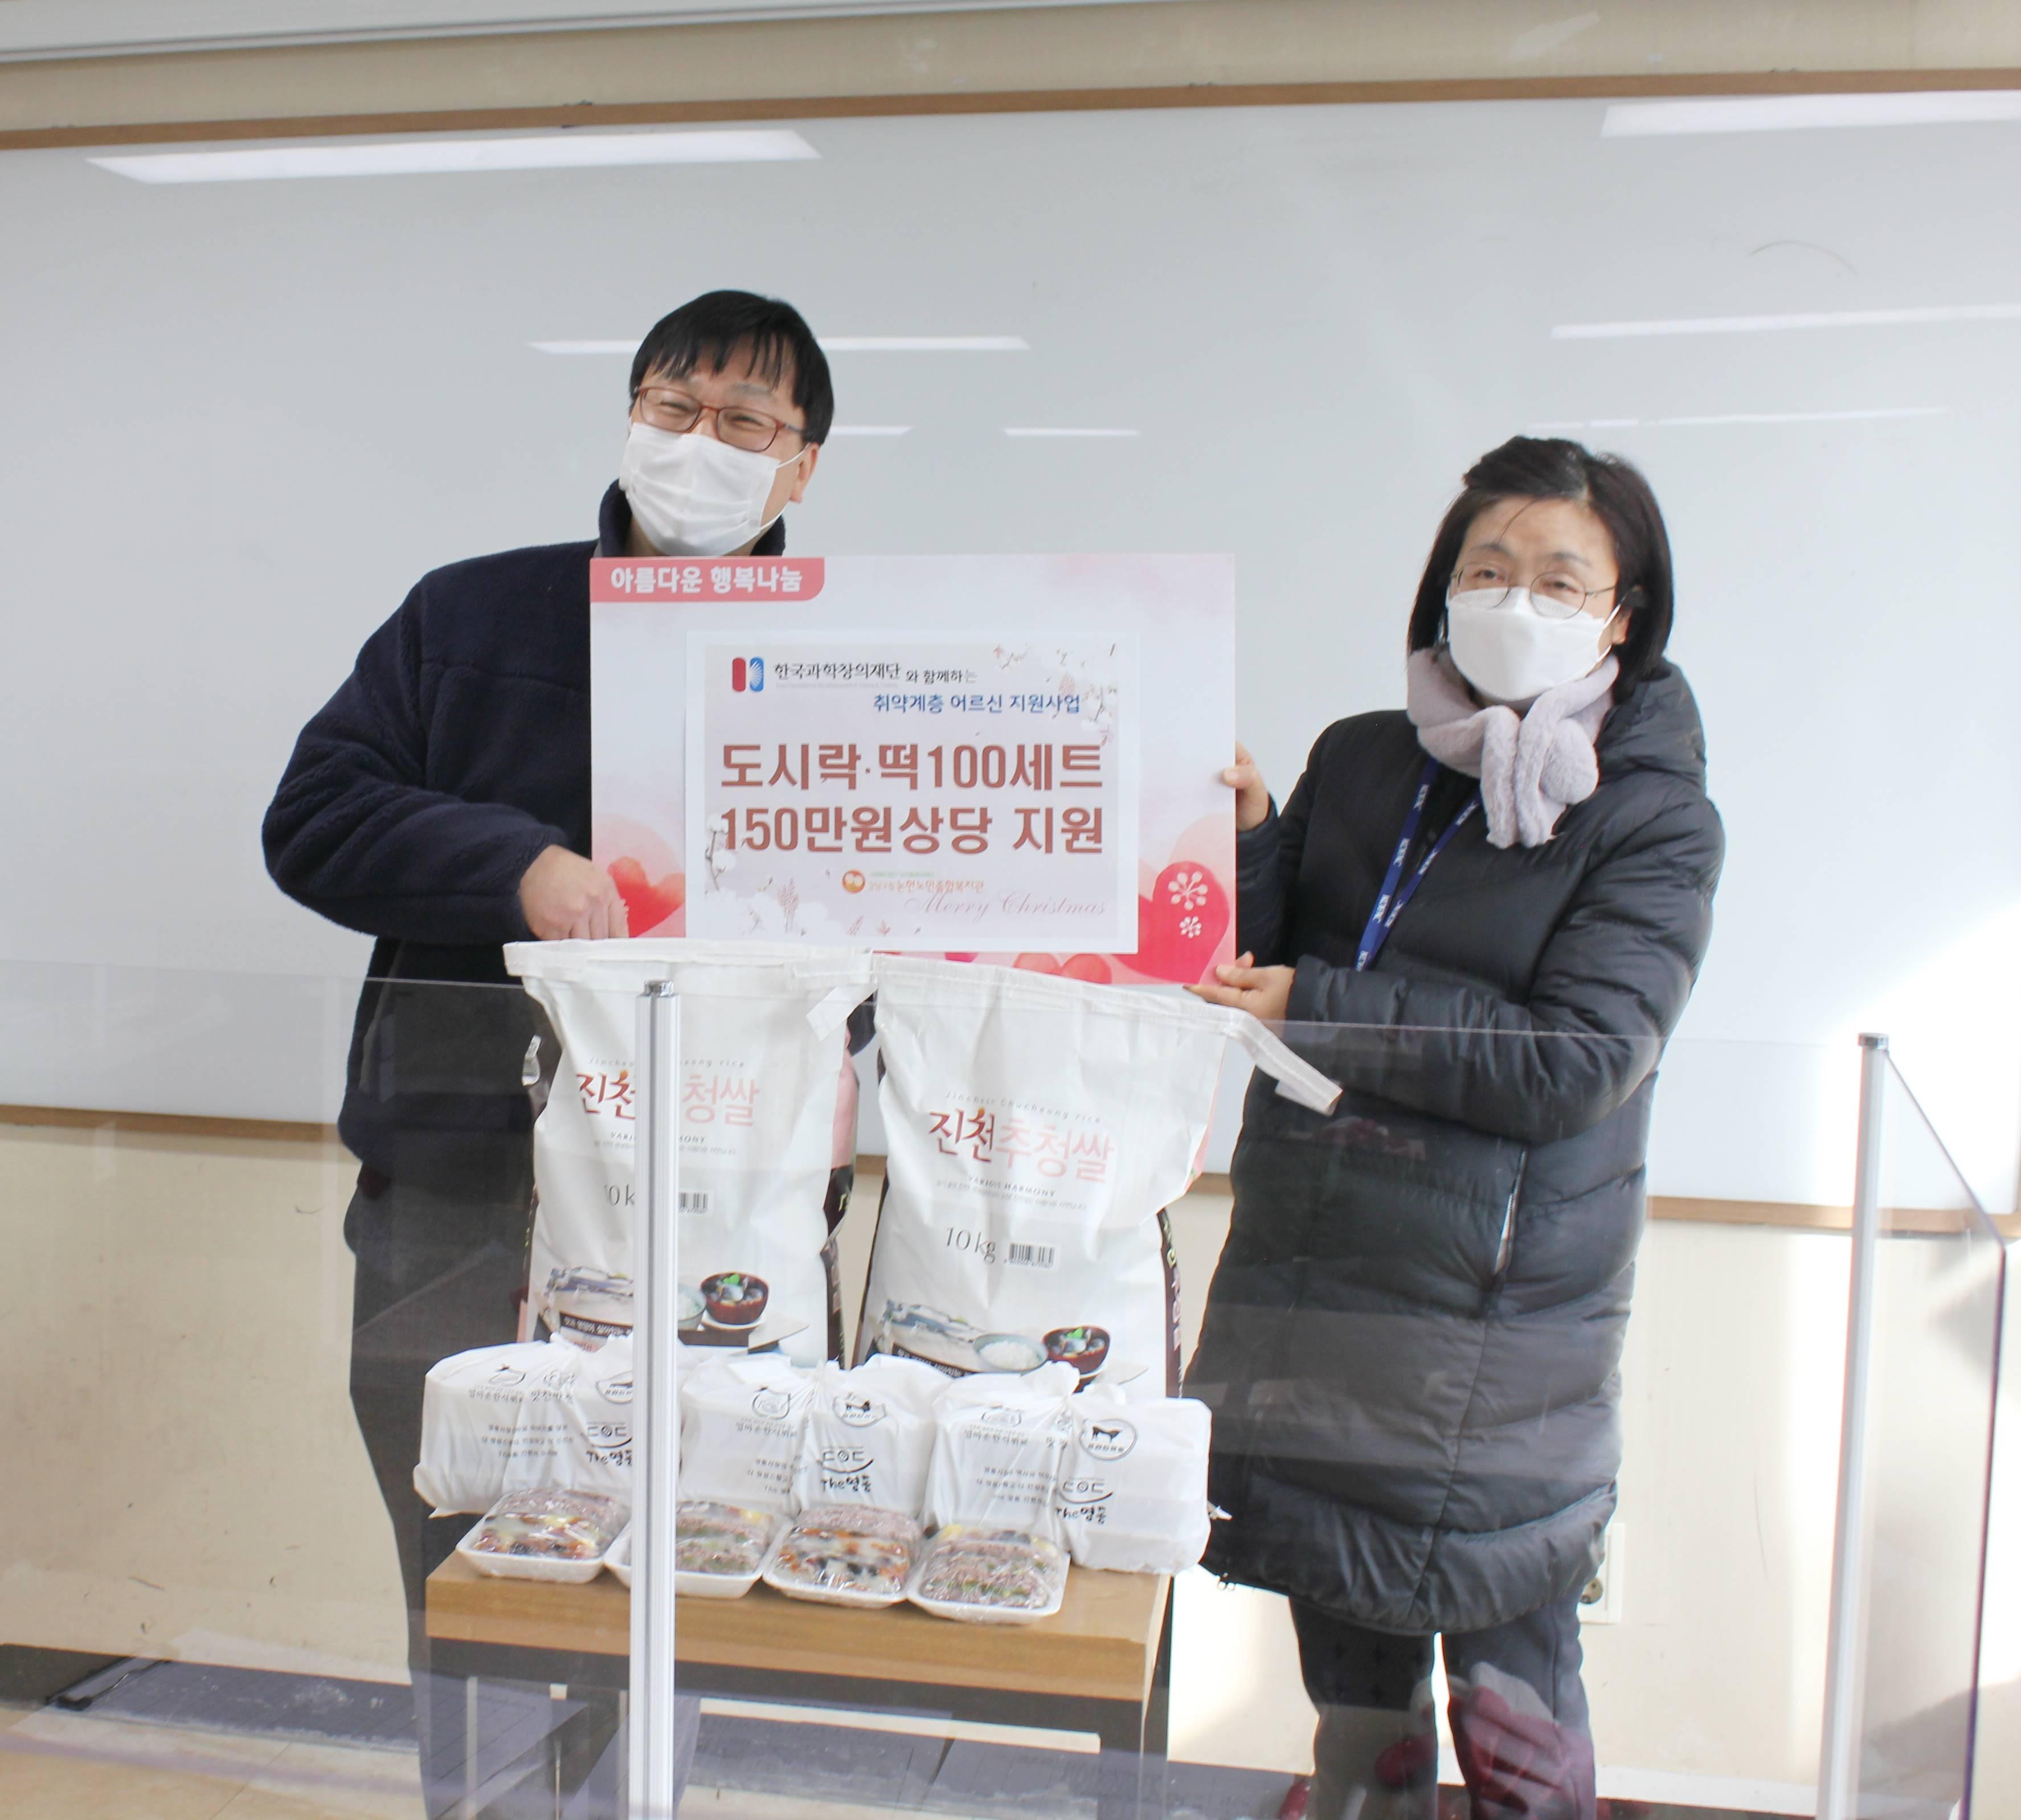 [위기및독거노인지원사업]한국과학창의재단 후원 지역 내 취약계층 어르신 따뜻한 도시락, 떡세트 100가구 전달